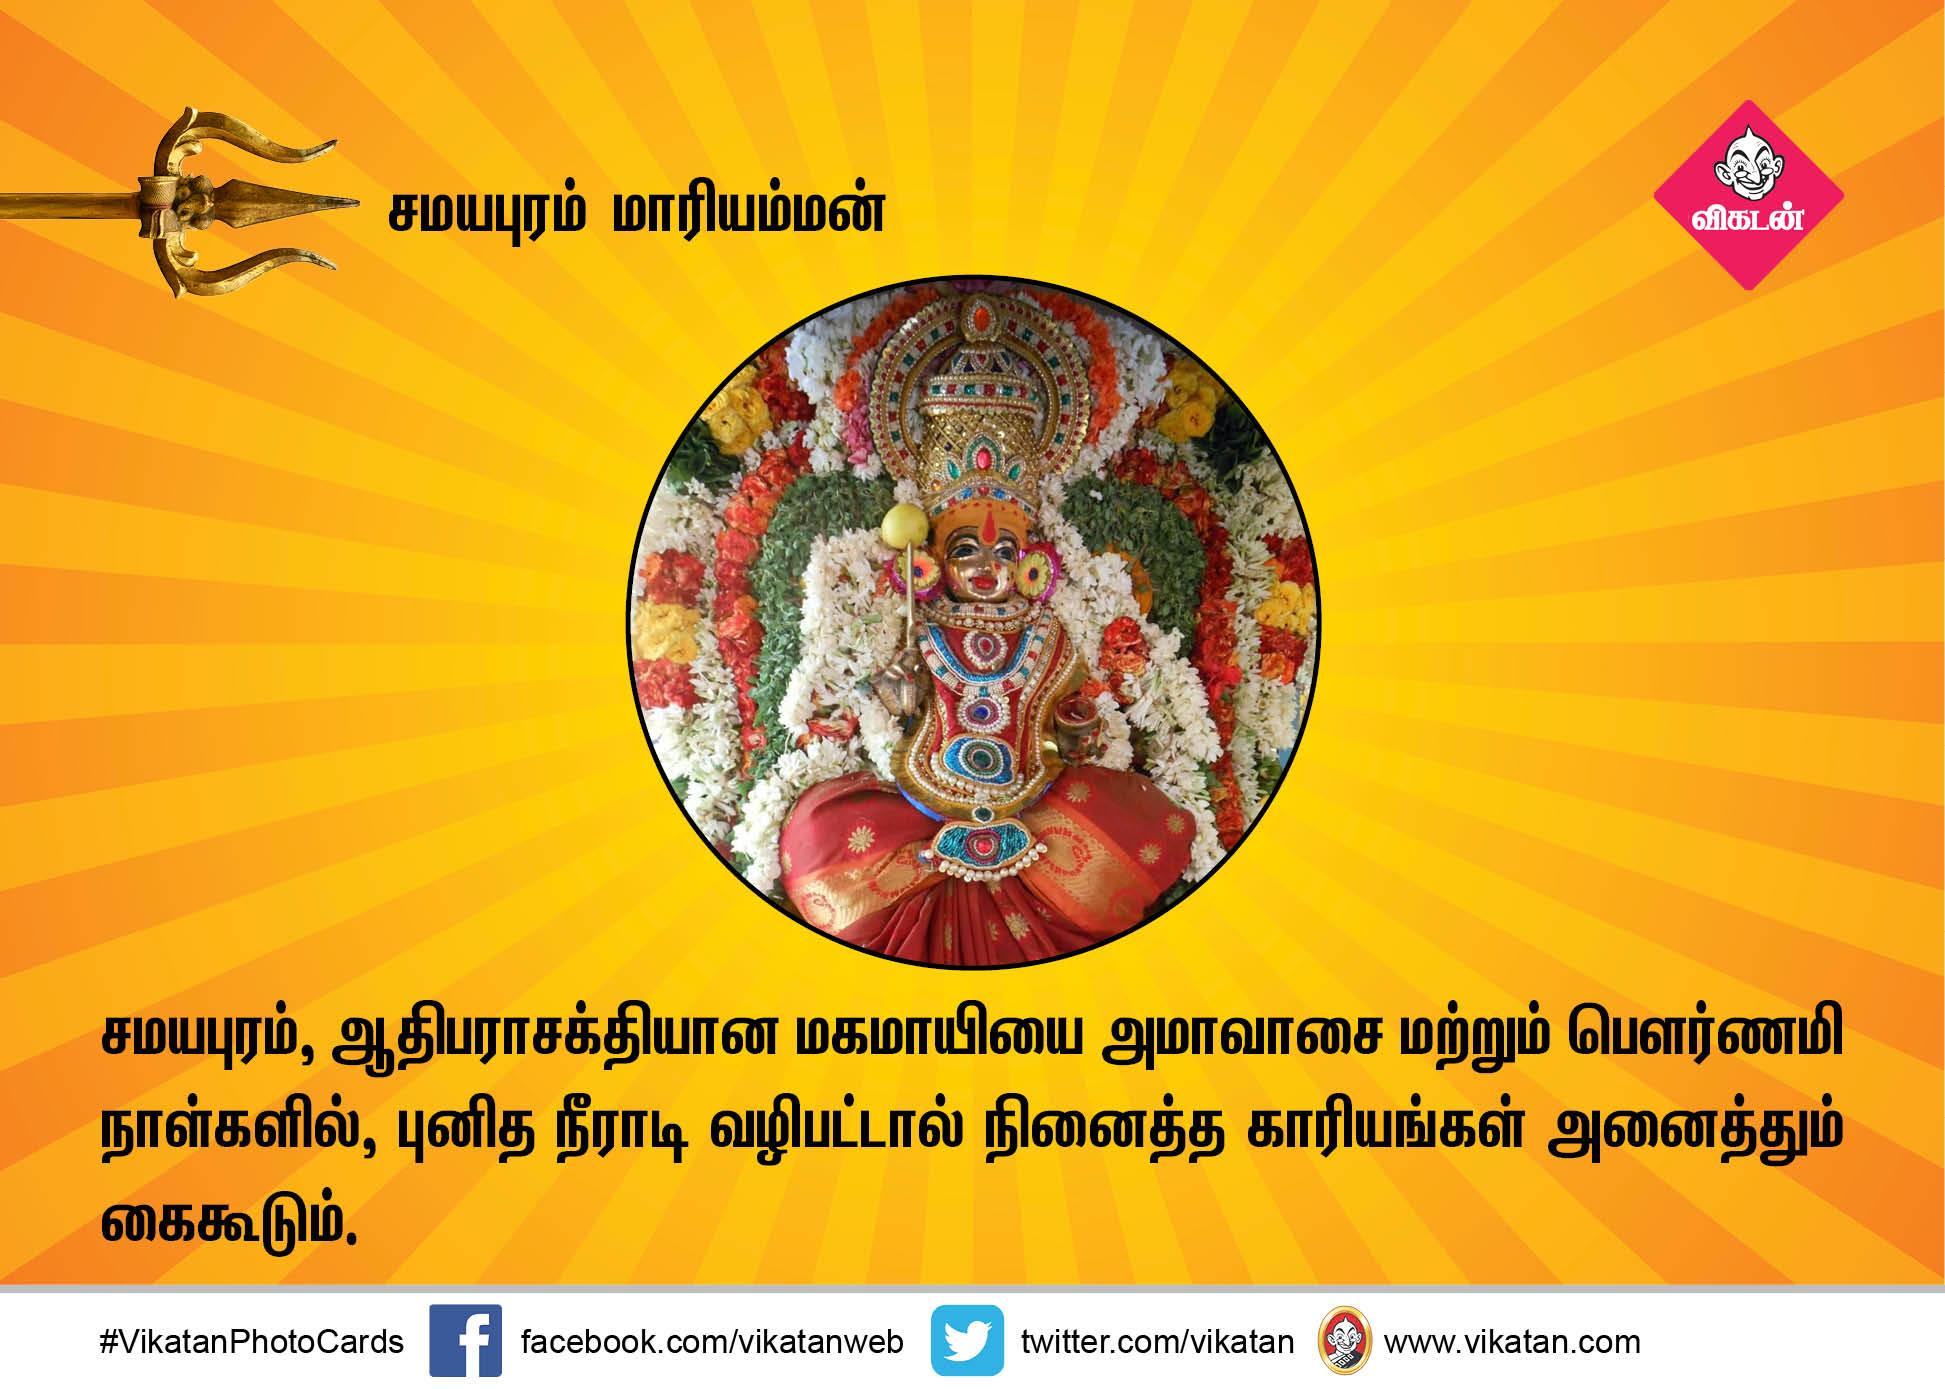 அல்லல் அகற்றும் அம்மன் வழிபாடு..! #Vikatanphotocards